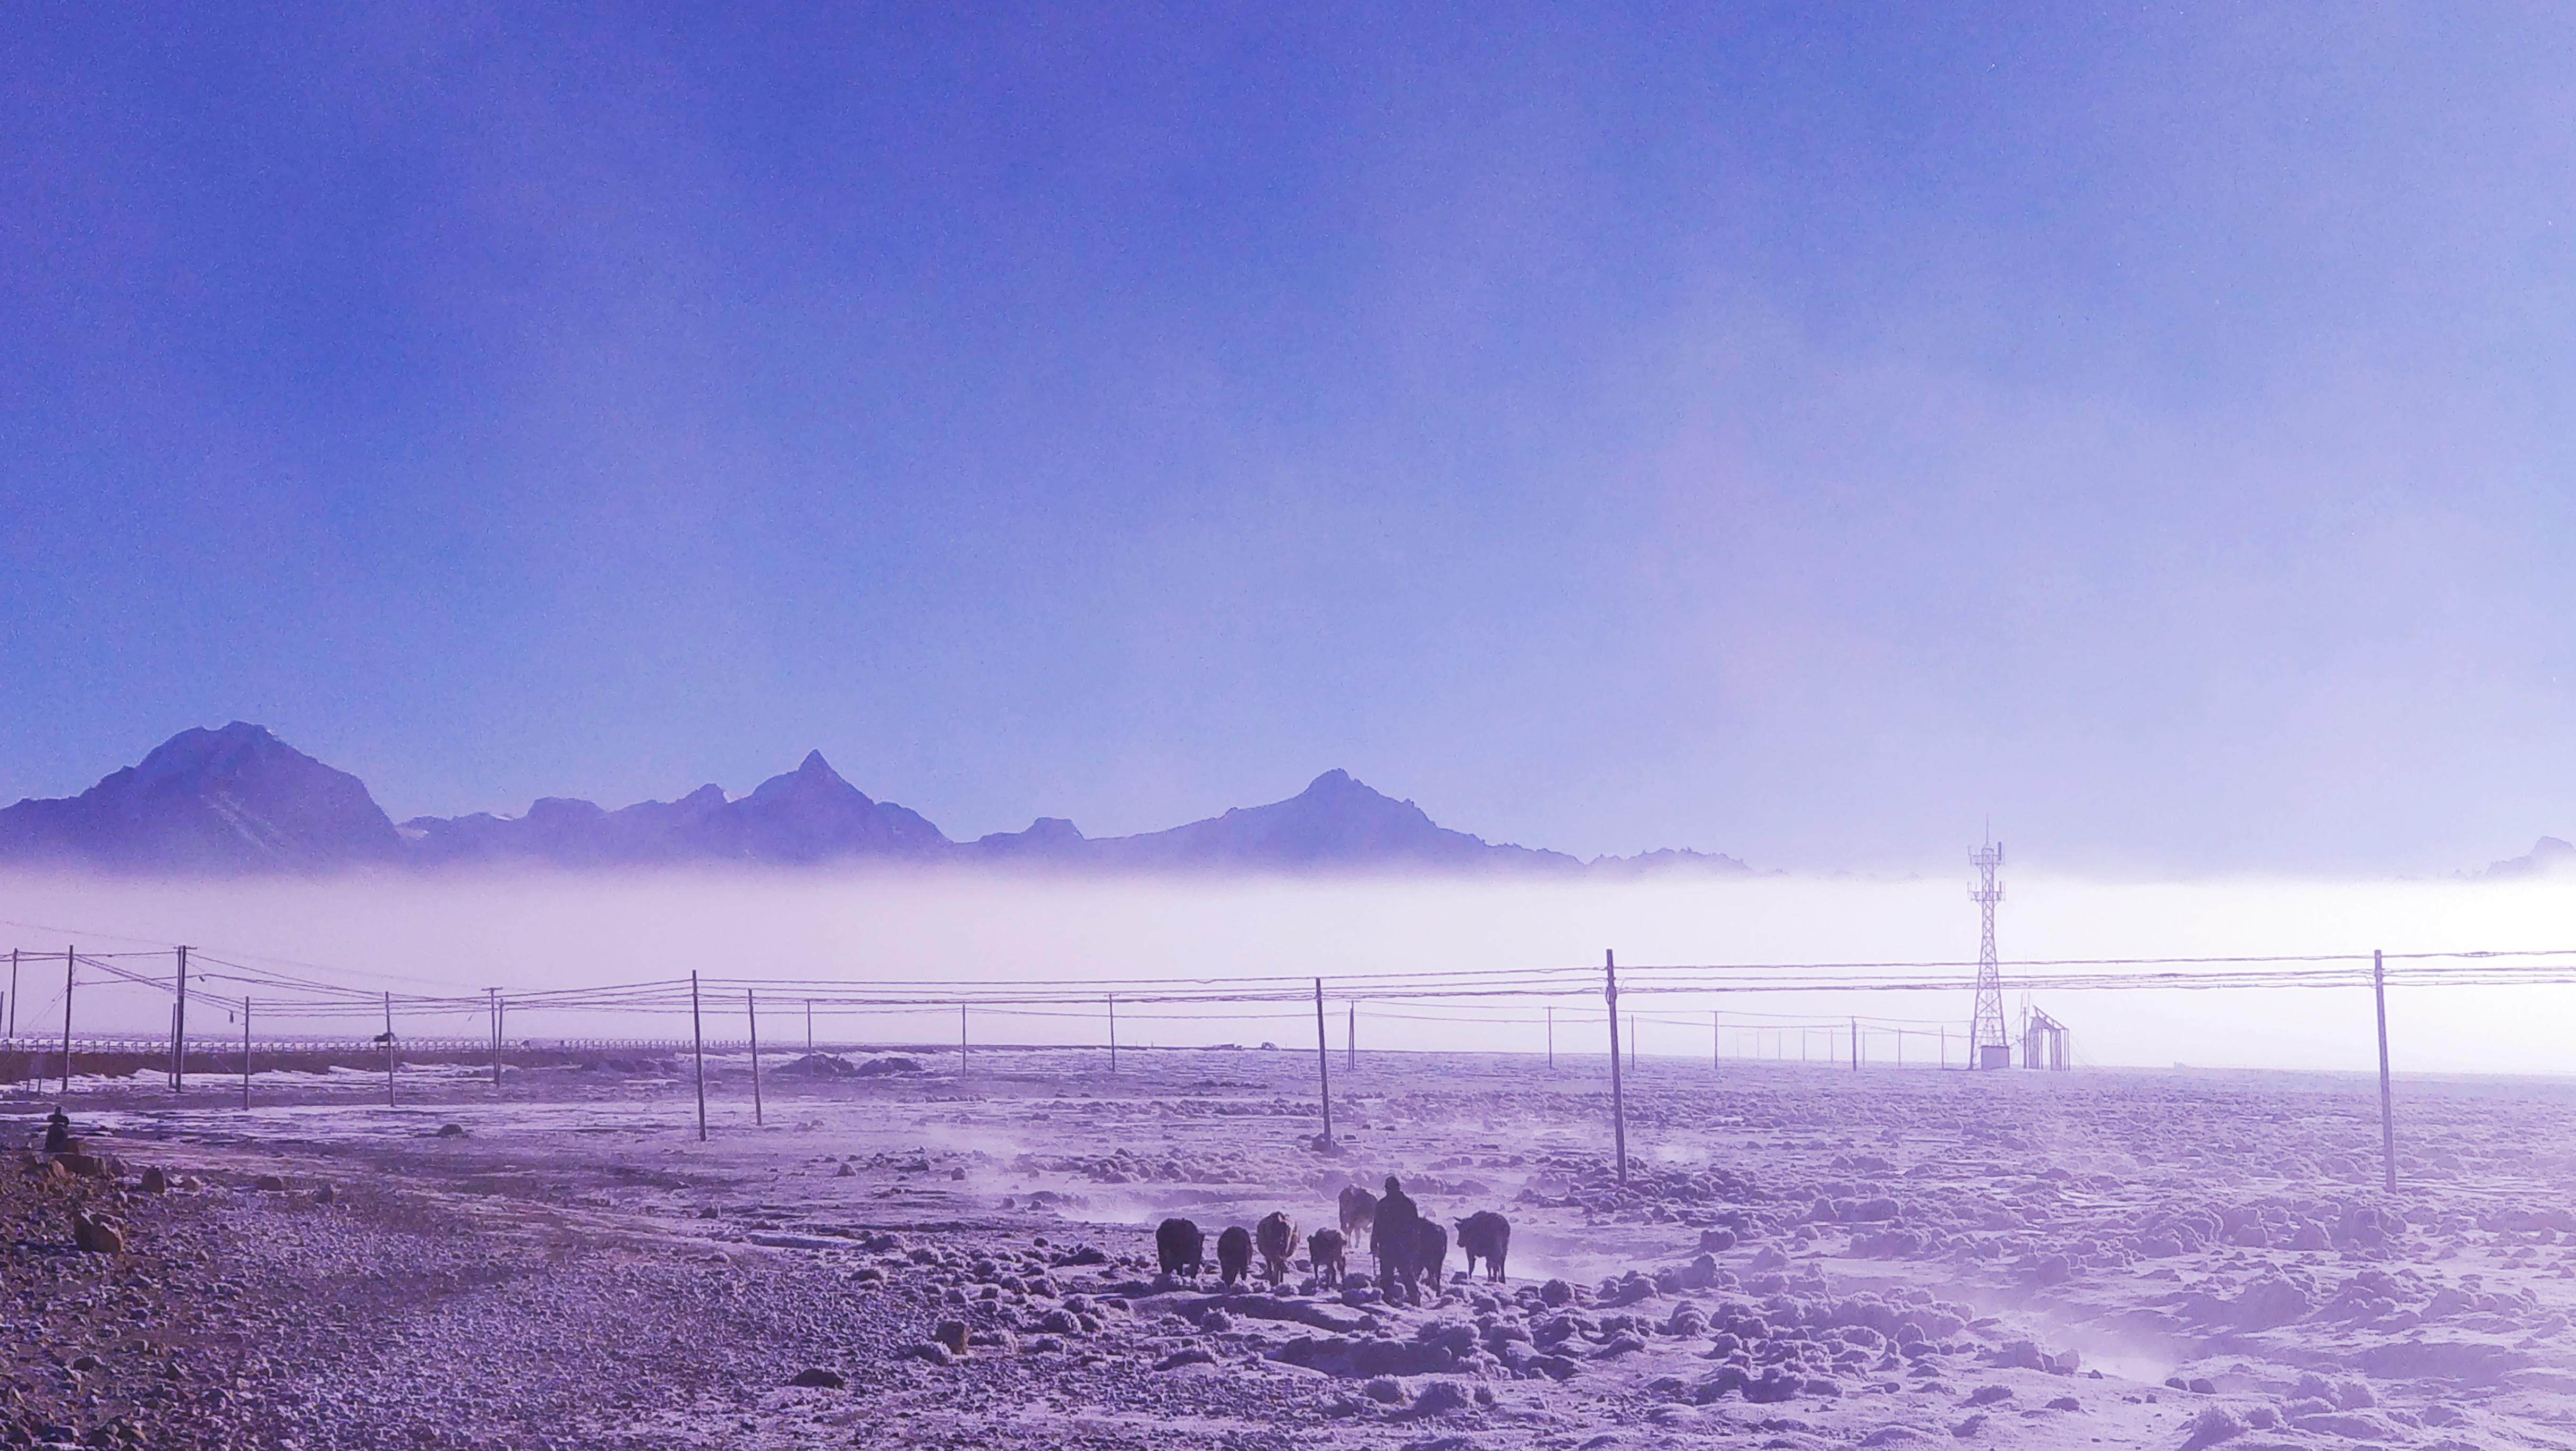 雪景20.jpg